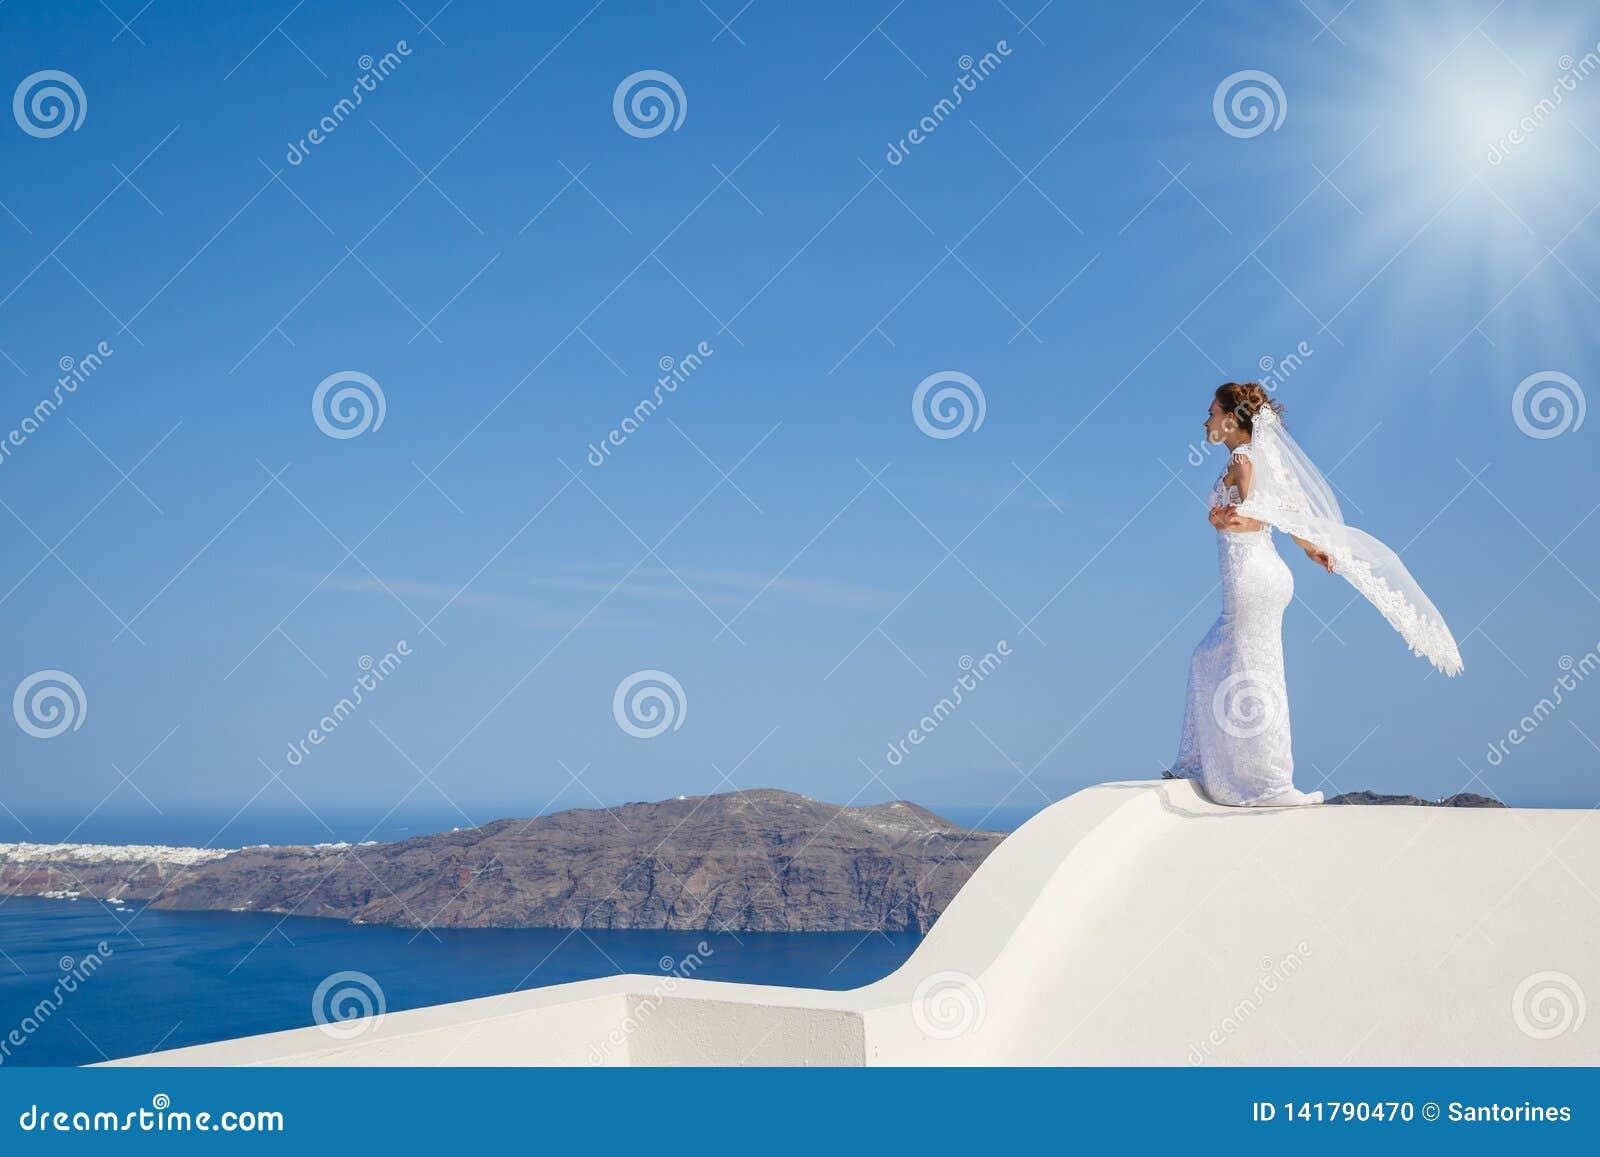 Piękni panna młoda stojaki na wysokość dachu